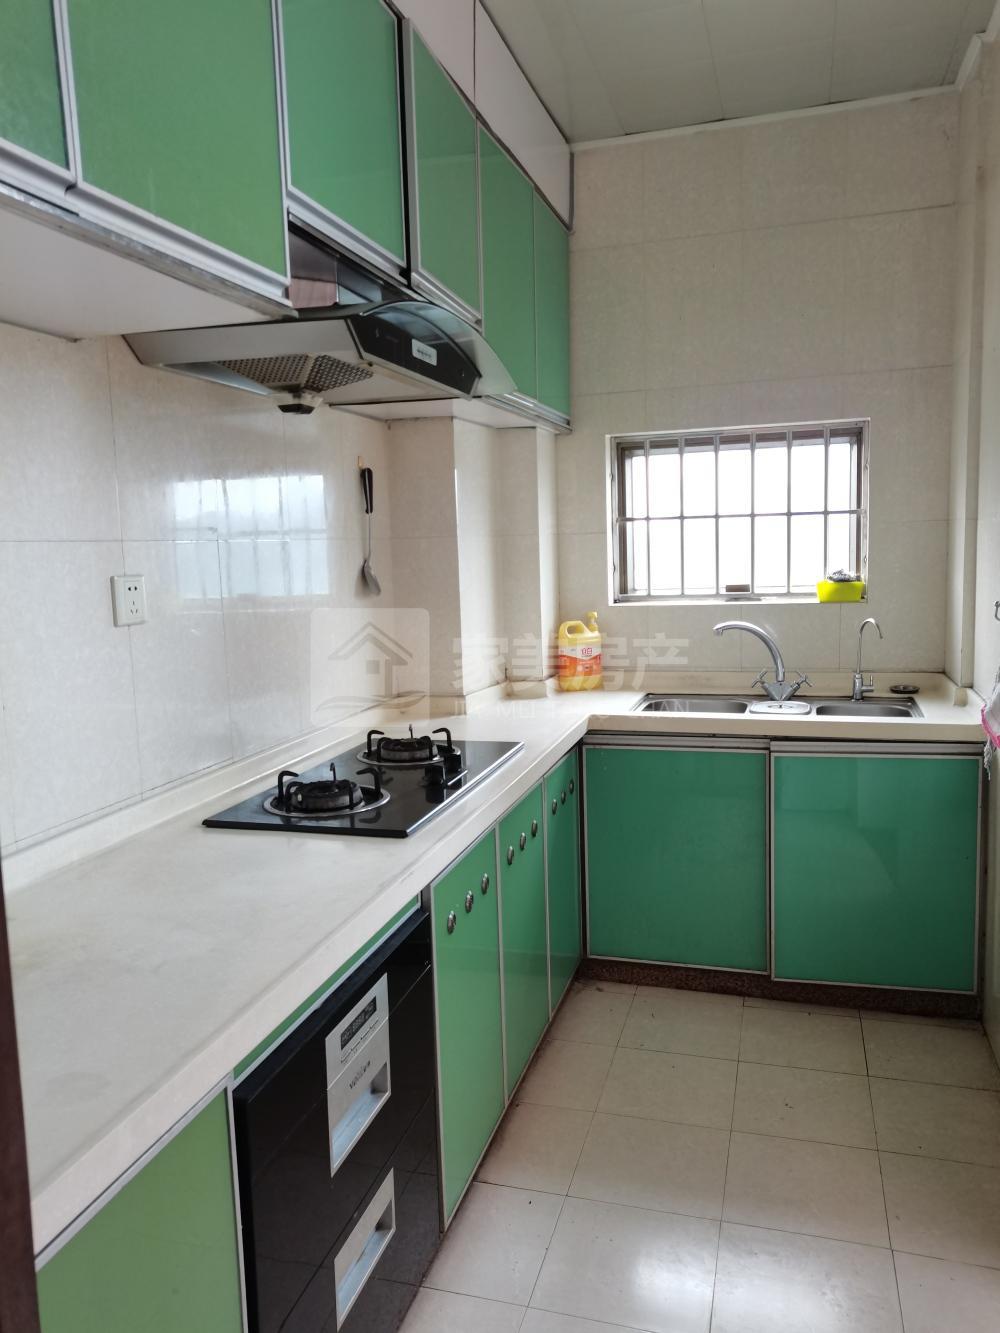 汇源豪庭 3楼 精装三房 装修新净 家私电齐 月租1700元!